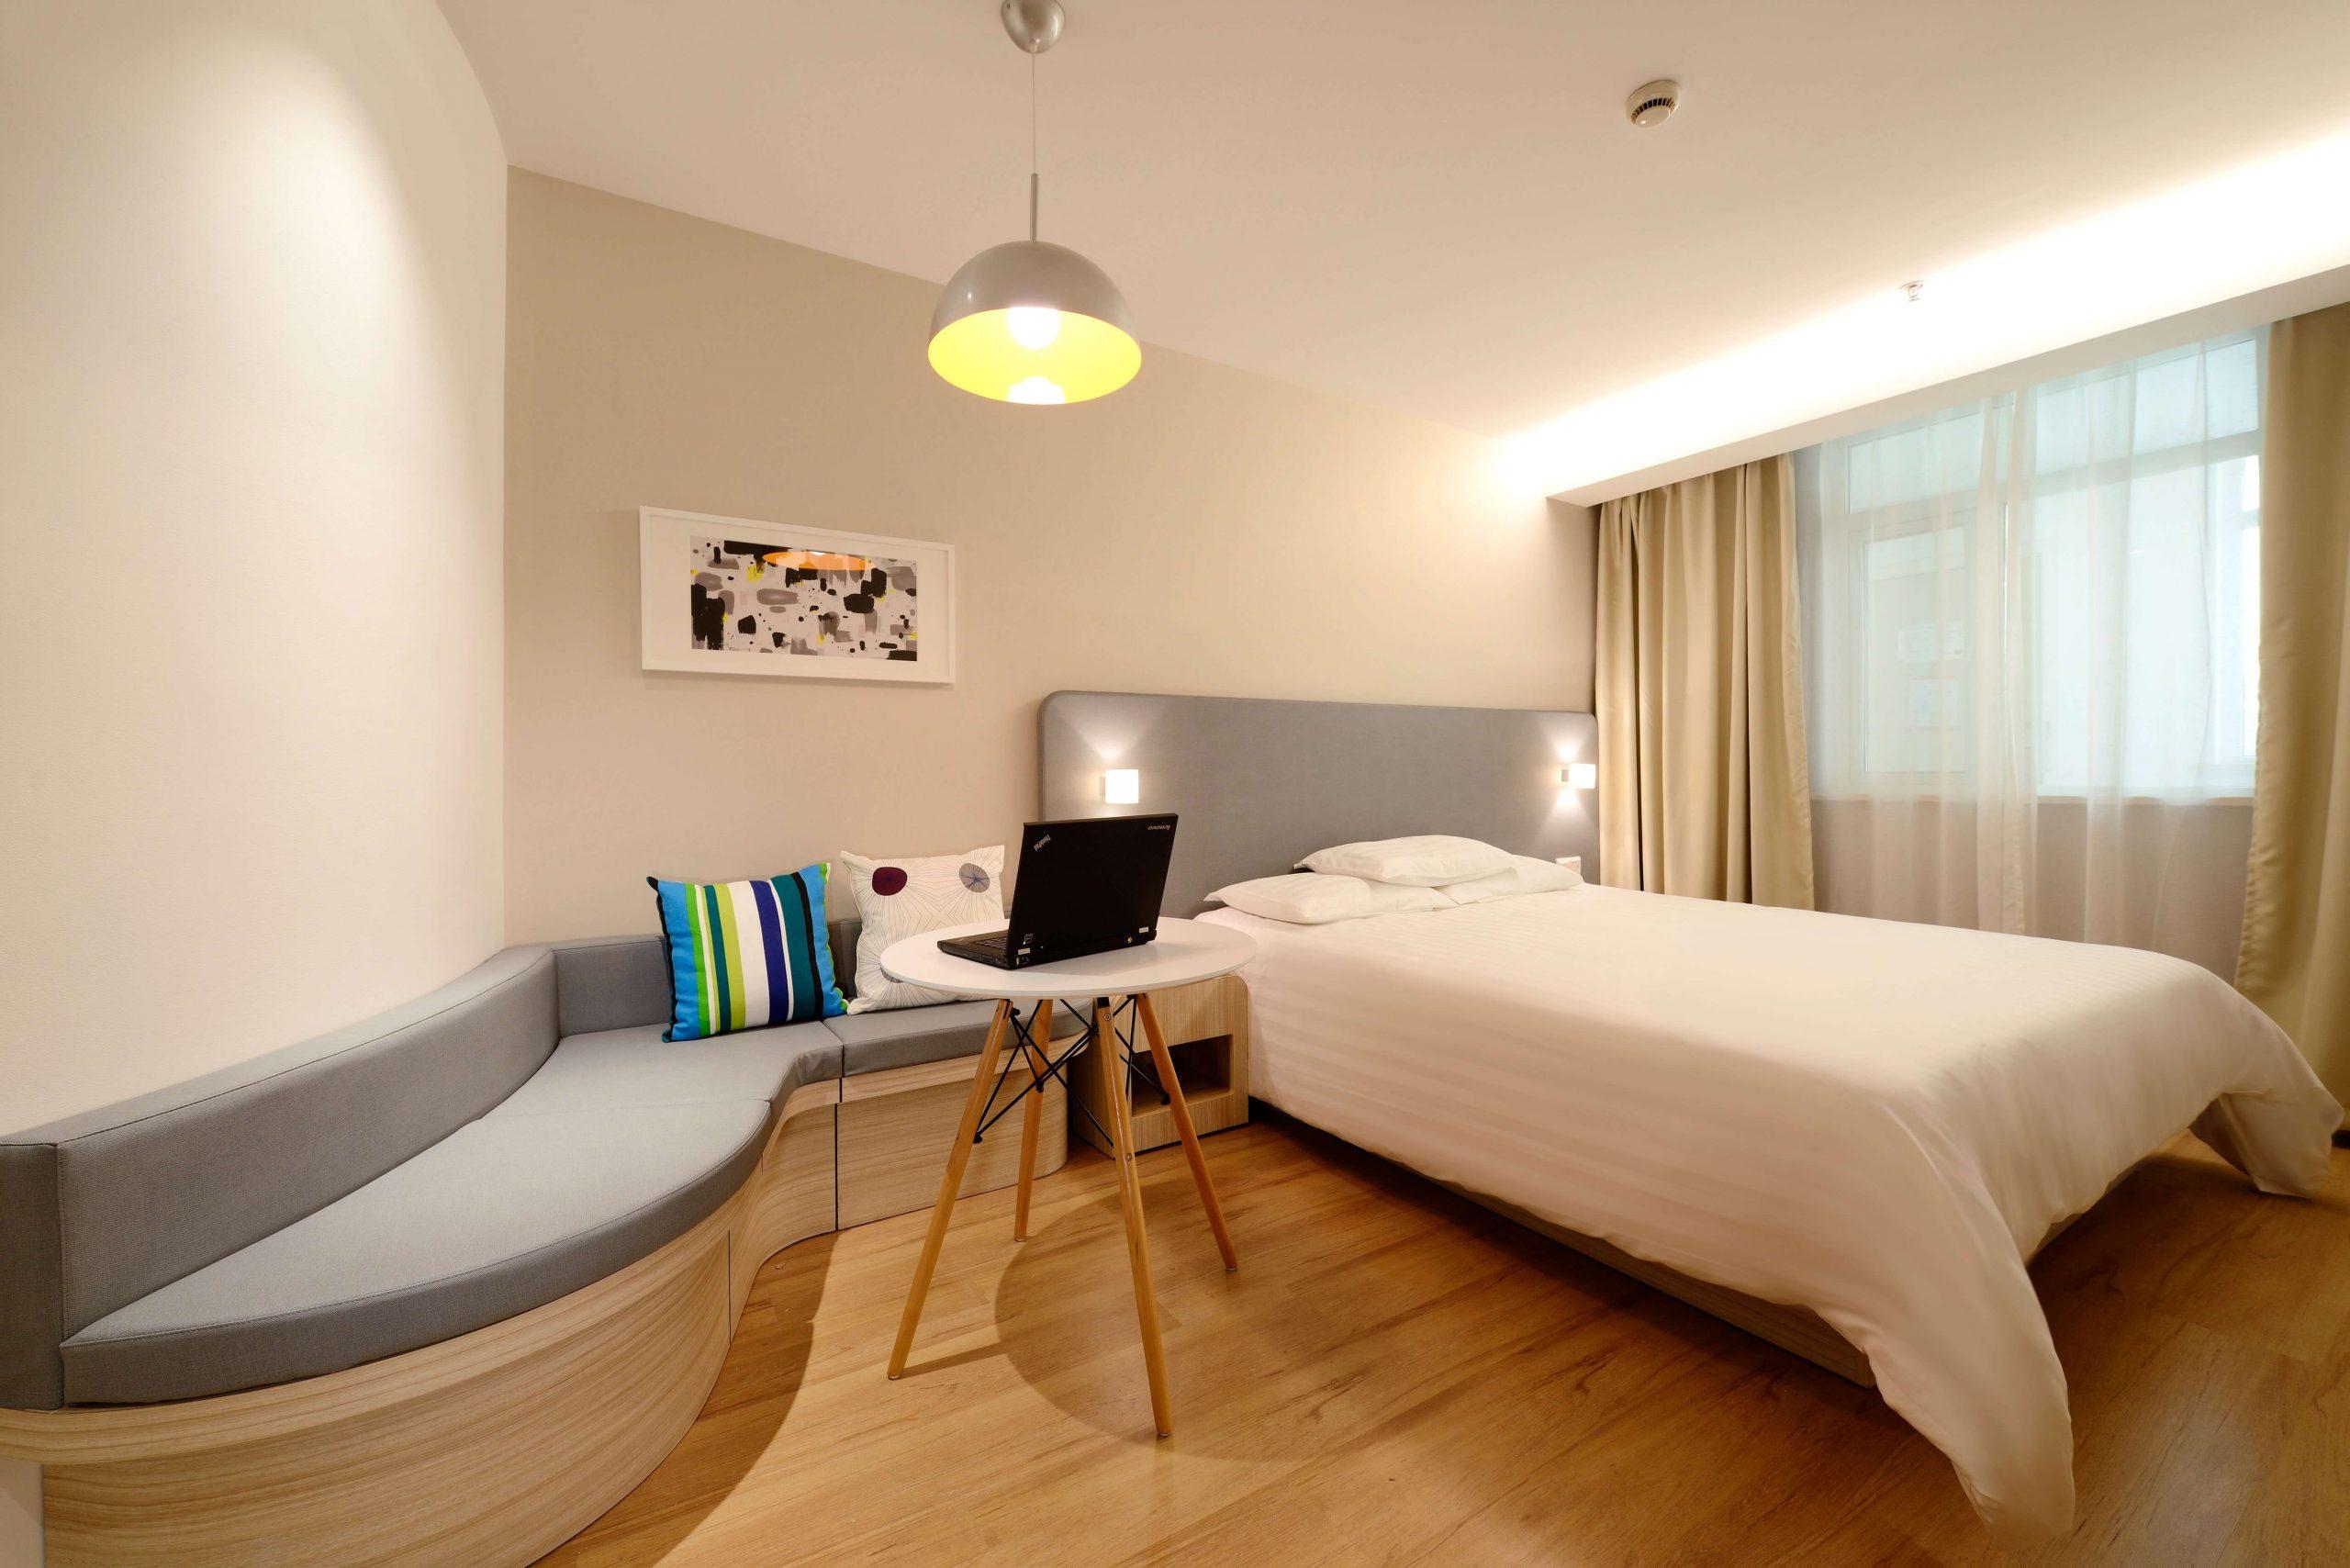 Hotel, un hotel, hoteles baratos, hoteles, mejor oferta para reservar un hotel, mejores precios de habitación de hotel, sitios de reservas de alojamiento, hotel 5 estrellas